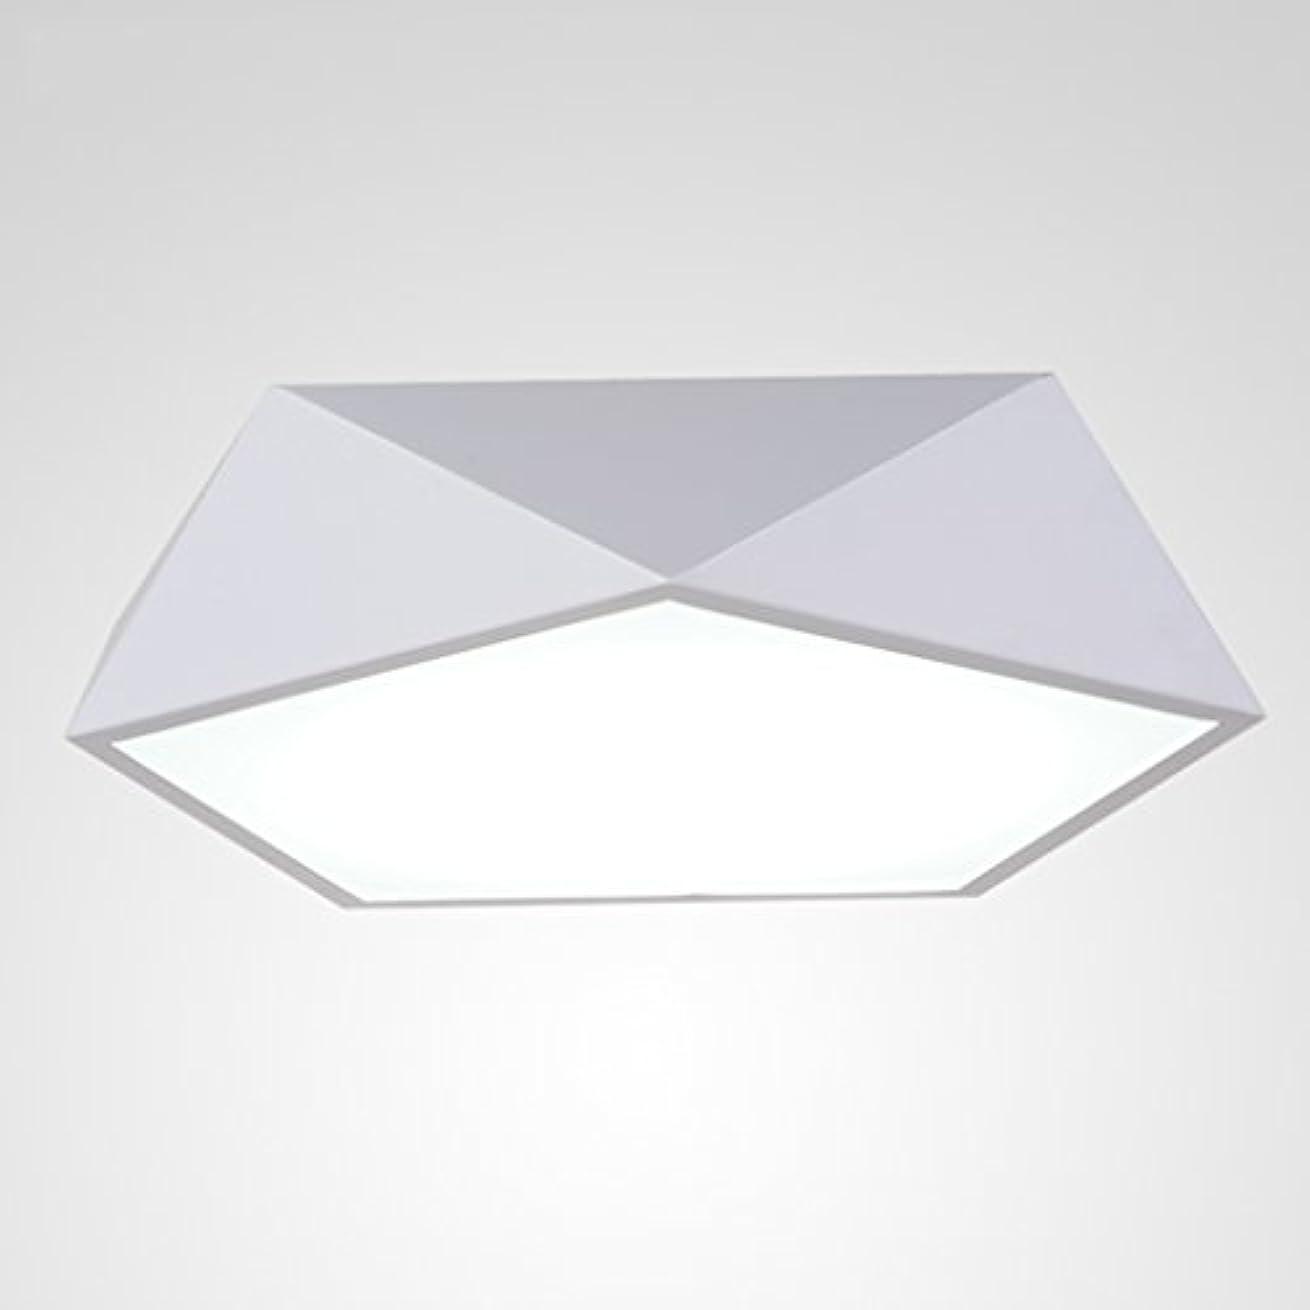 ベジタリアン形成ダーベビルのテス天井ランプ シンプルなLEDシーリングライトベッドルームライトスタディザ?キッチンバルコニーライトが。 (Color : Black, Size : 52*10cm)